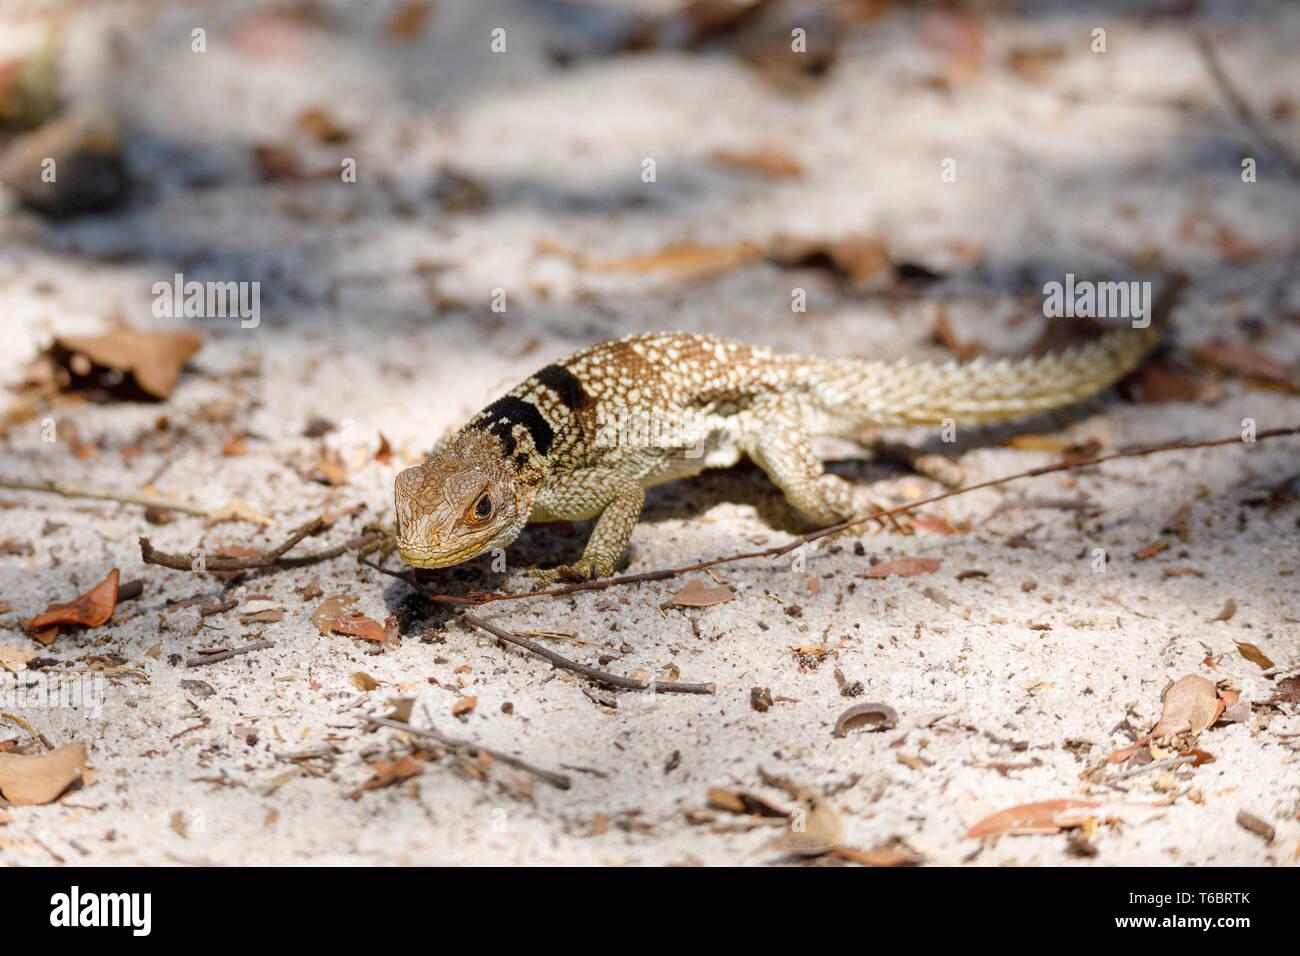 Gemeinsame kleine collared iguanid Lizard, Madagaskar Stockfoto